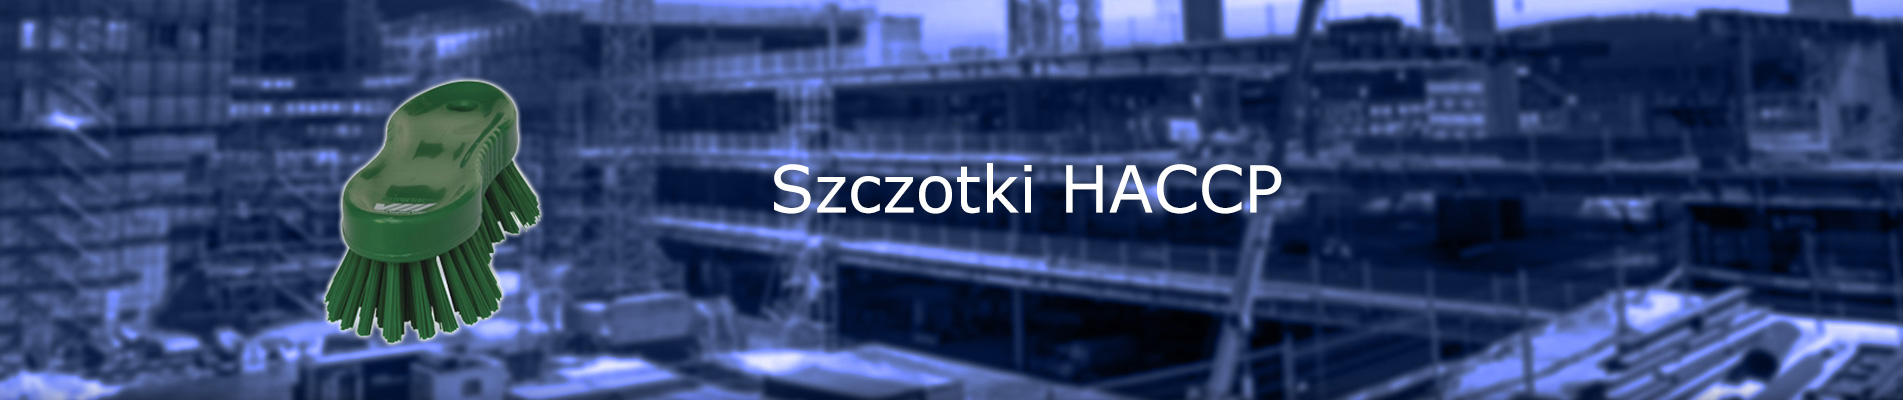 szczotki-haccp